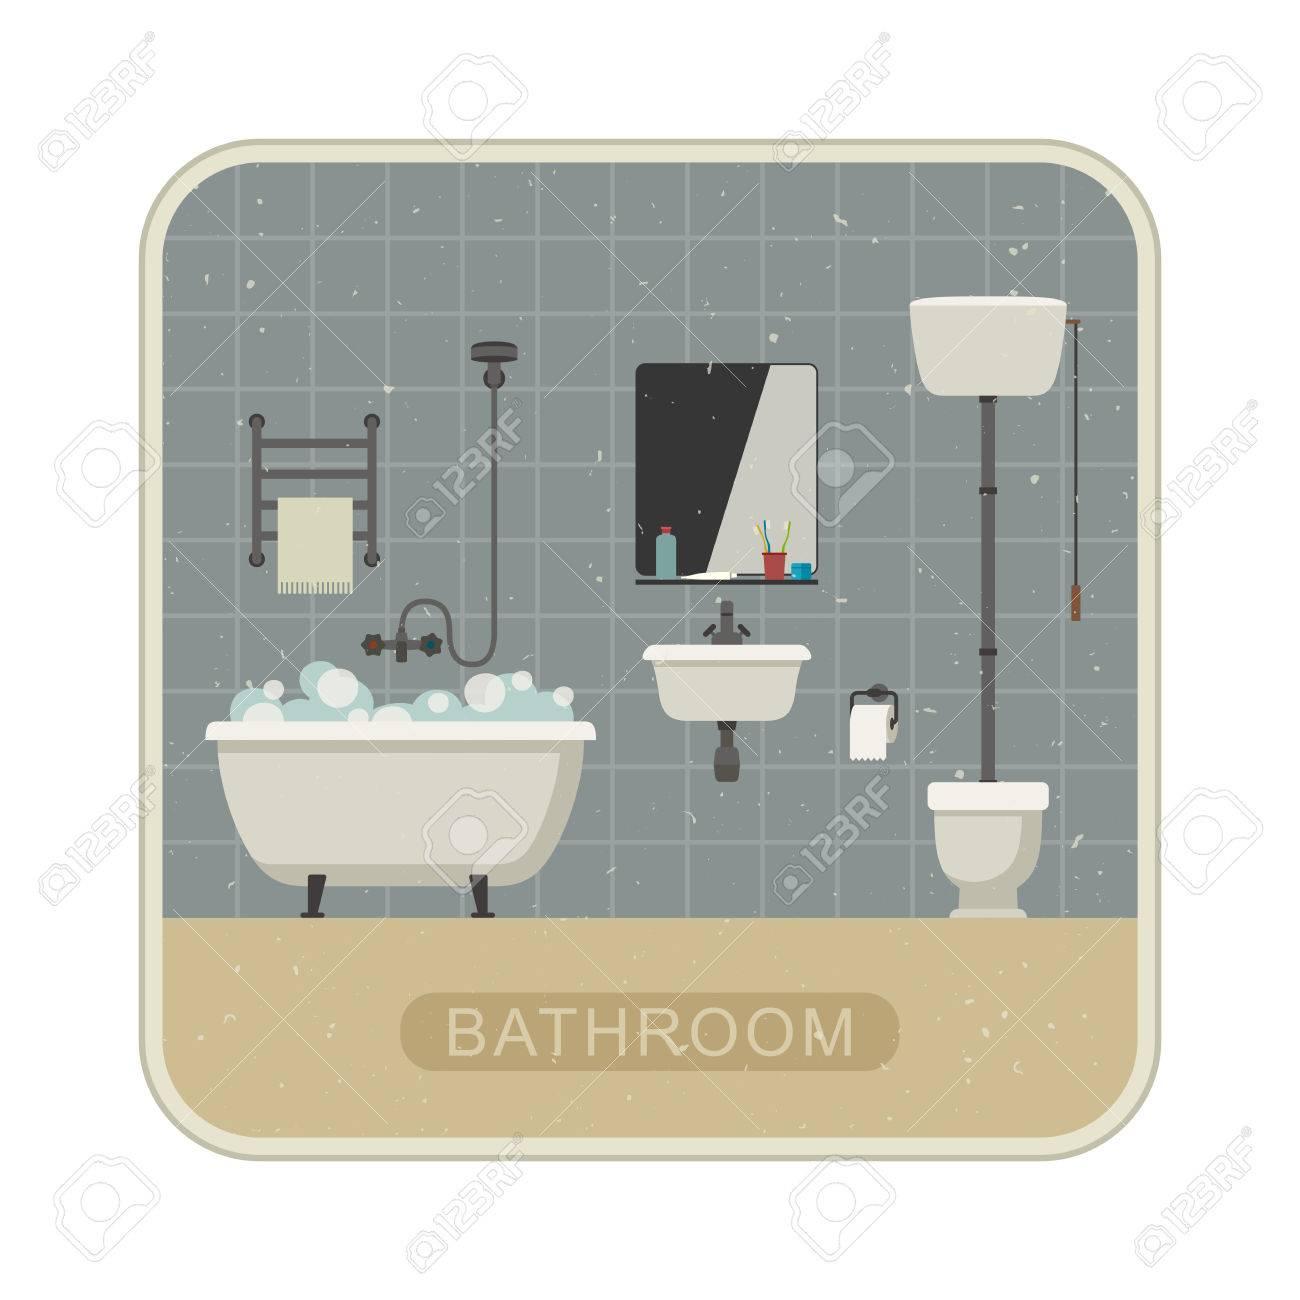 Salle De Bains Rétro Illustration Plat Avec WC, Lavabo Et Articles D ...